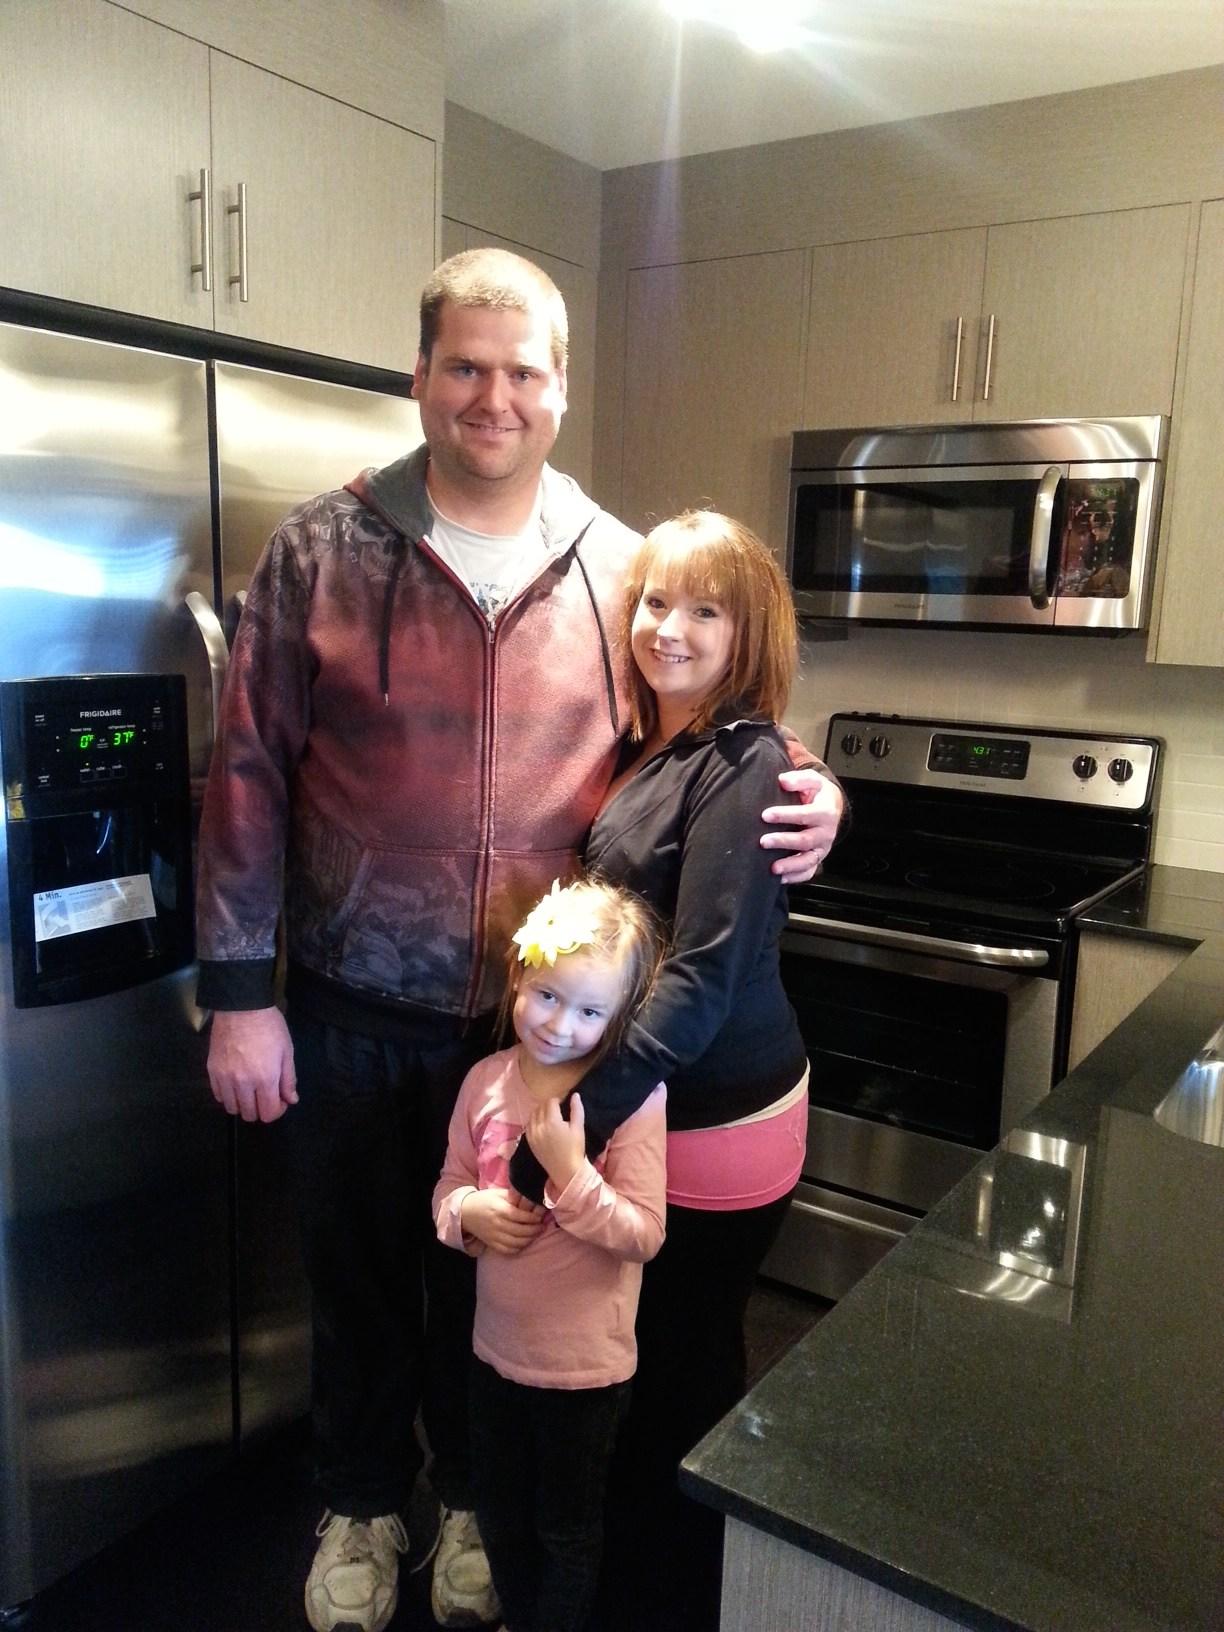 Attainable homes happy family.